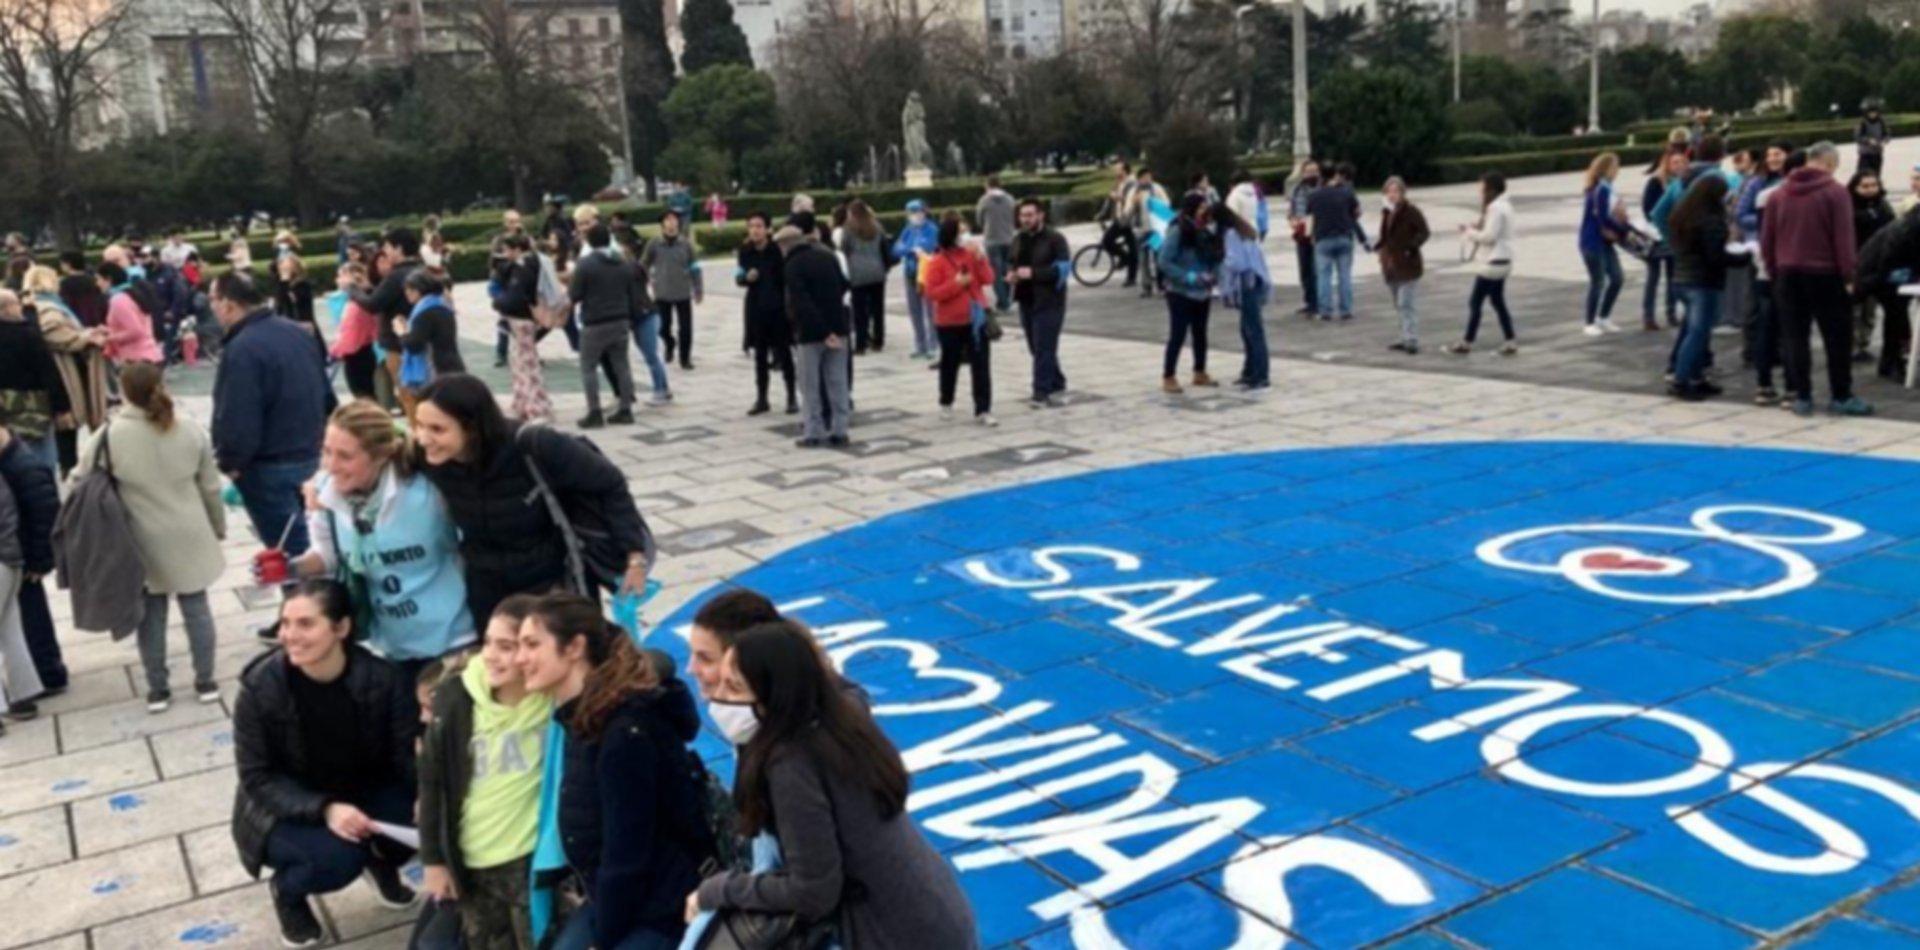 """VIDEO: Acto """"provida"""" en La Plata con pintadas y protestas contra la ley del aborto"""